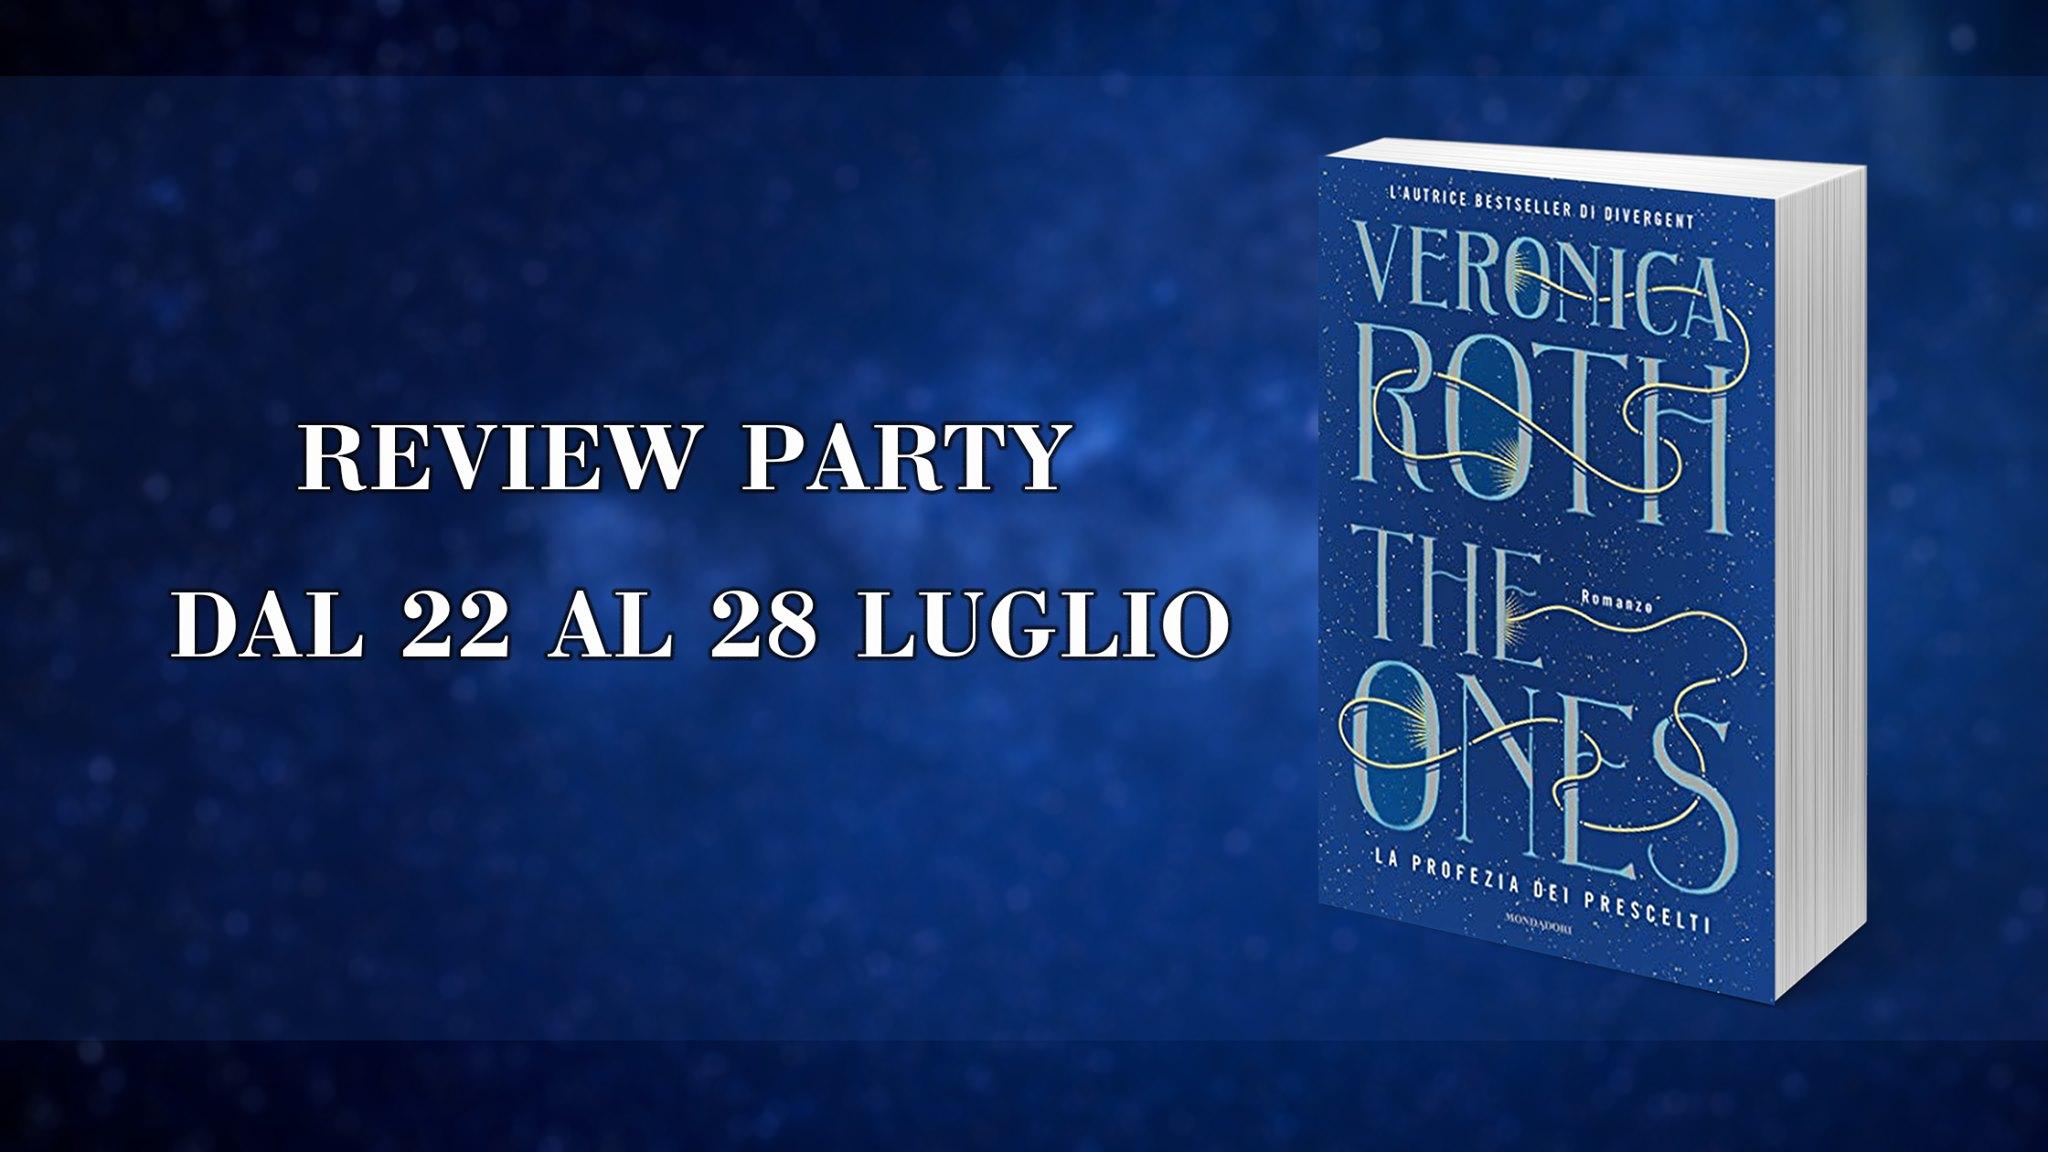 Review Party - The ones: la profezia dei prescelti di Veronica Roth